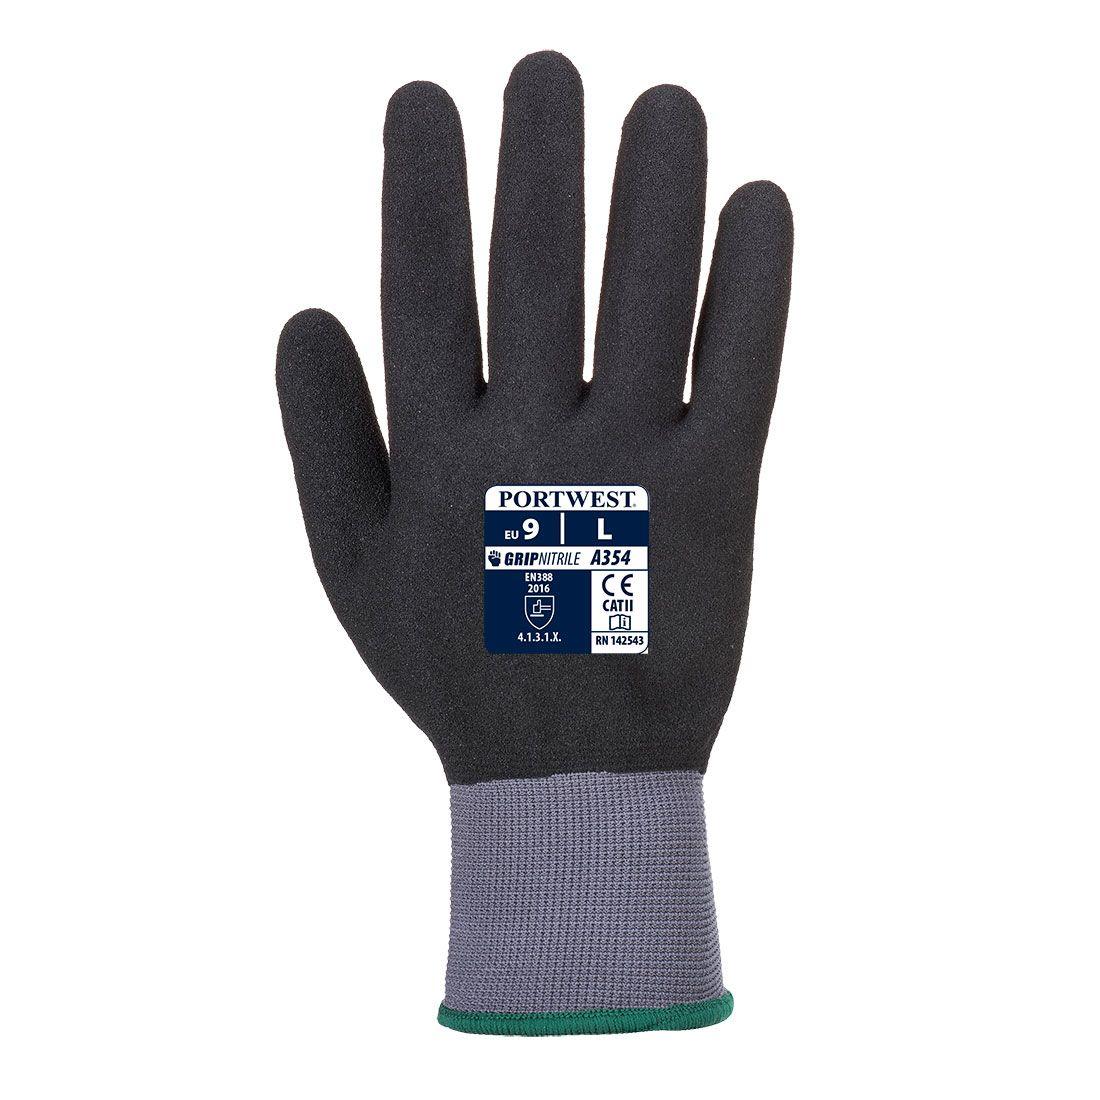 Portwest Handschoenen A354 zwart(K8)